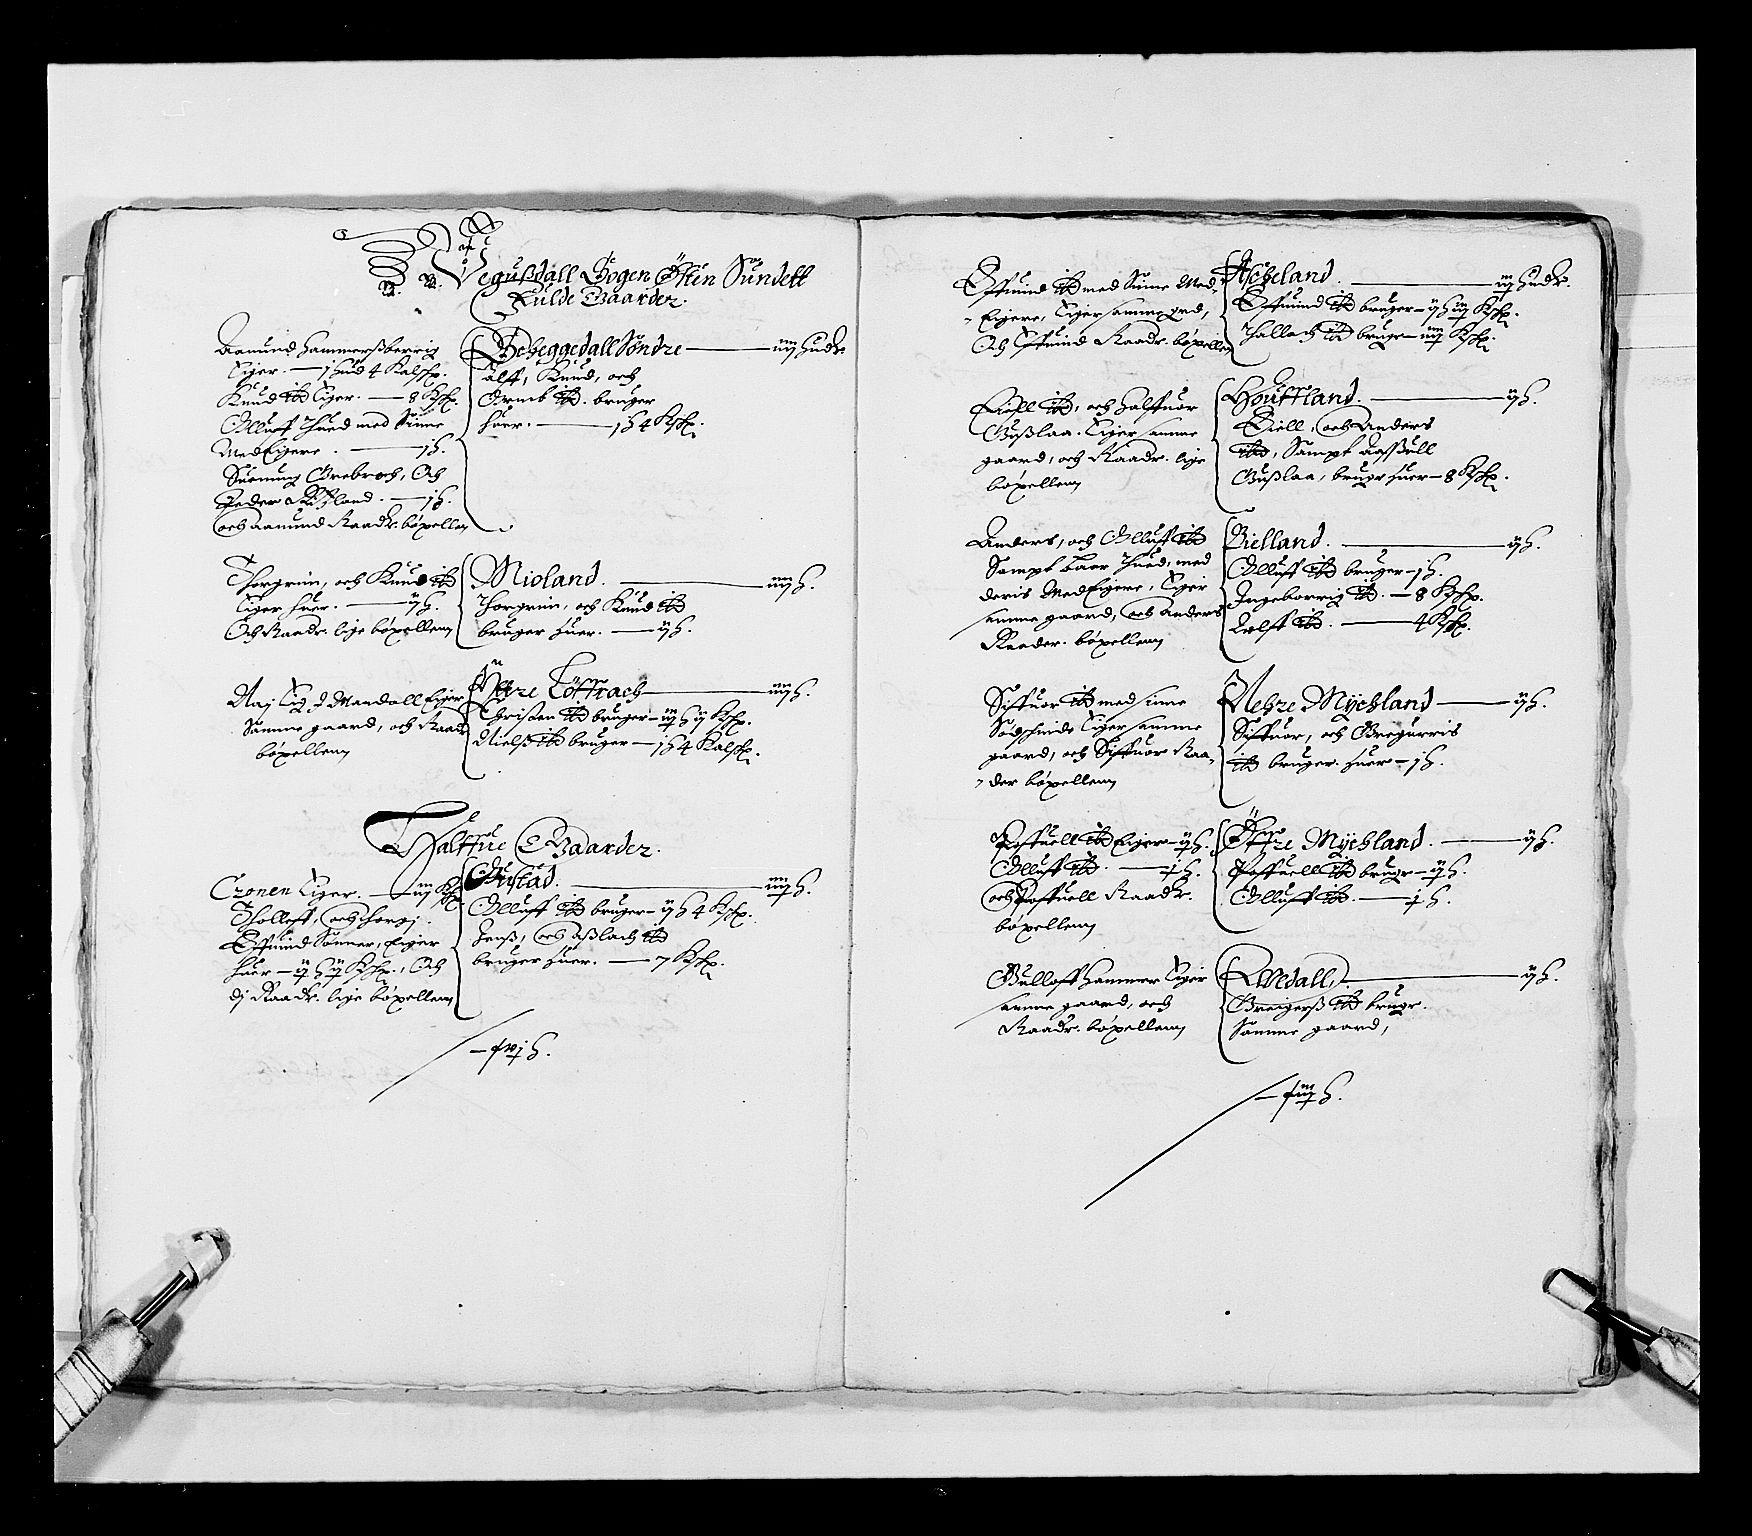 RA, Stattholderembetet 1572-1771, Ek/L0023: Jordebøker 1633-1658:, 1648-1649, s. 11